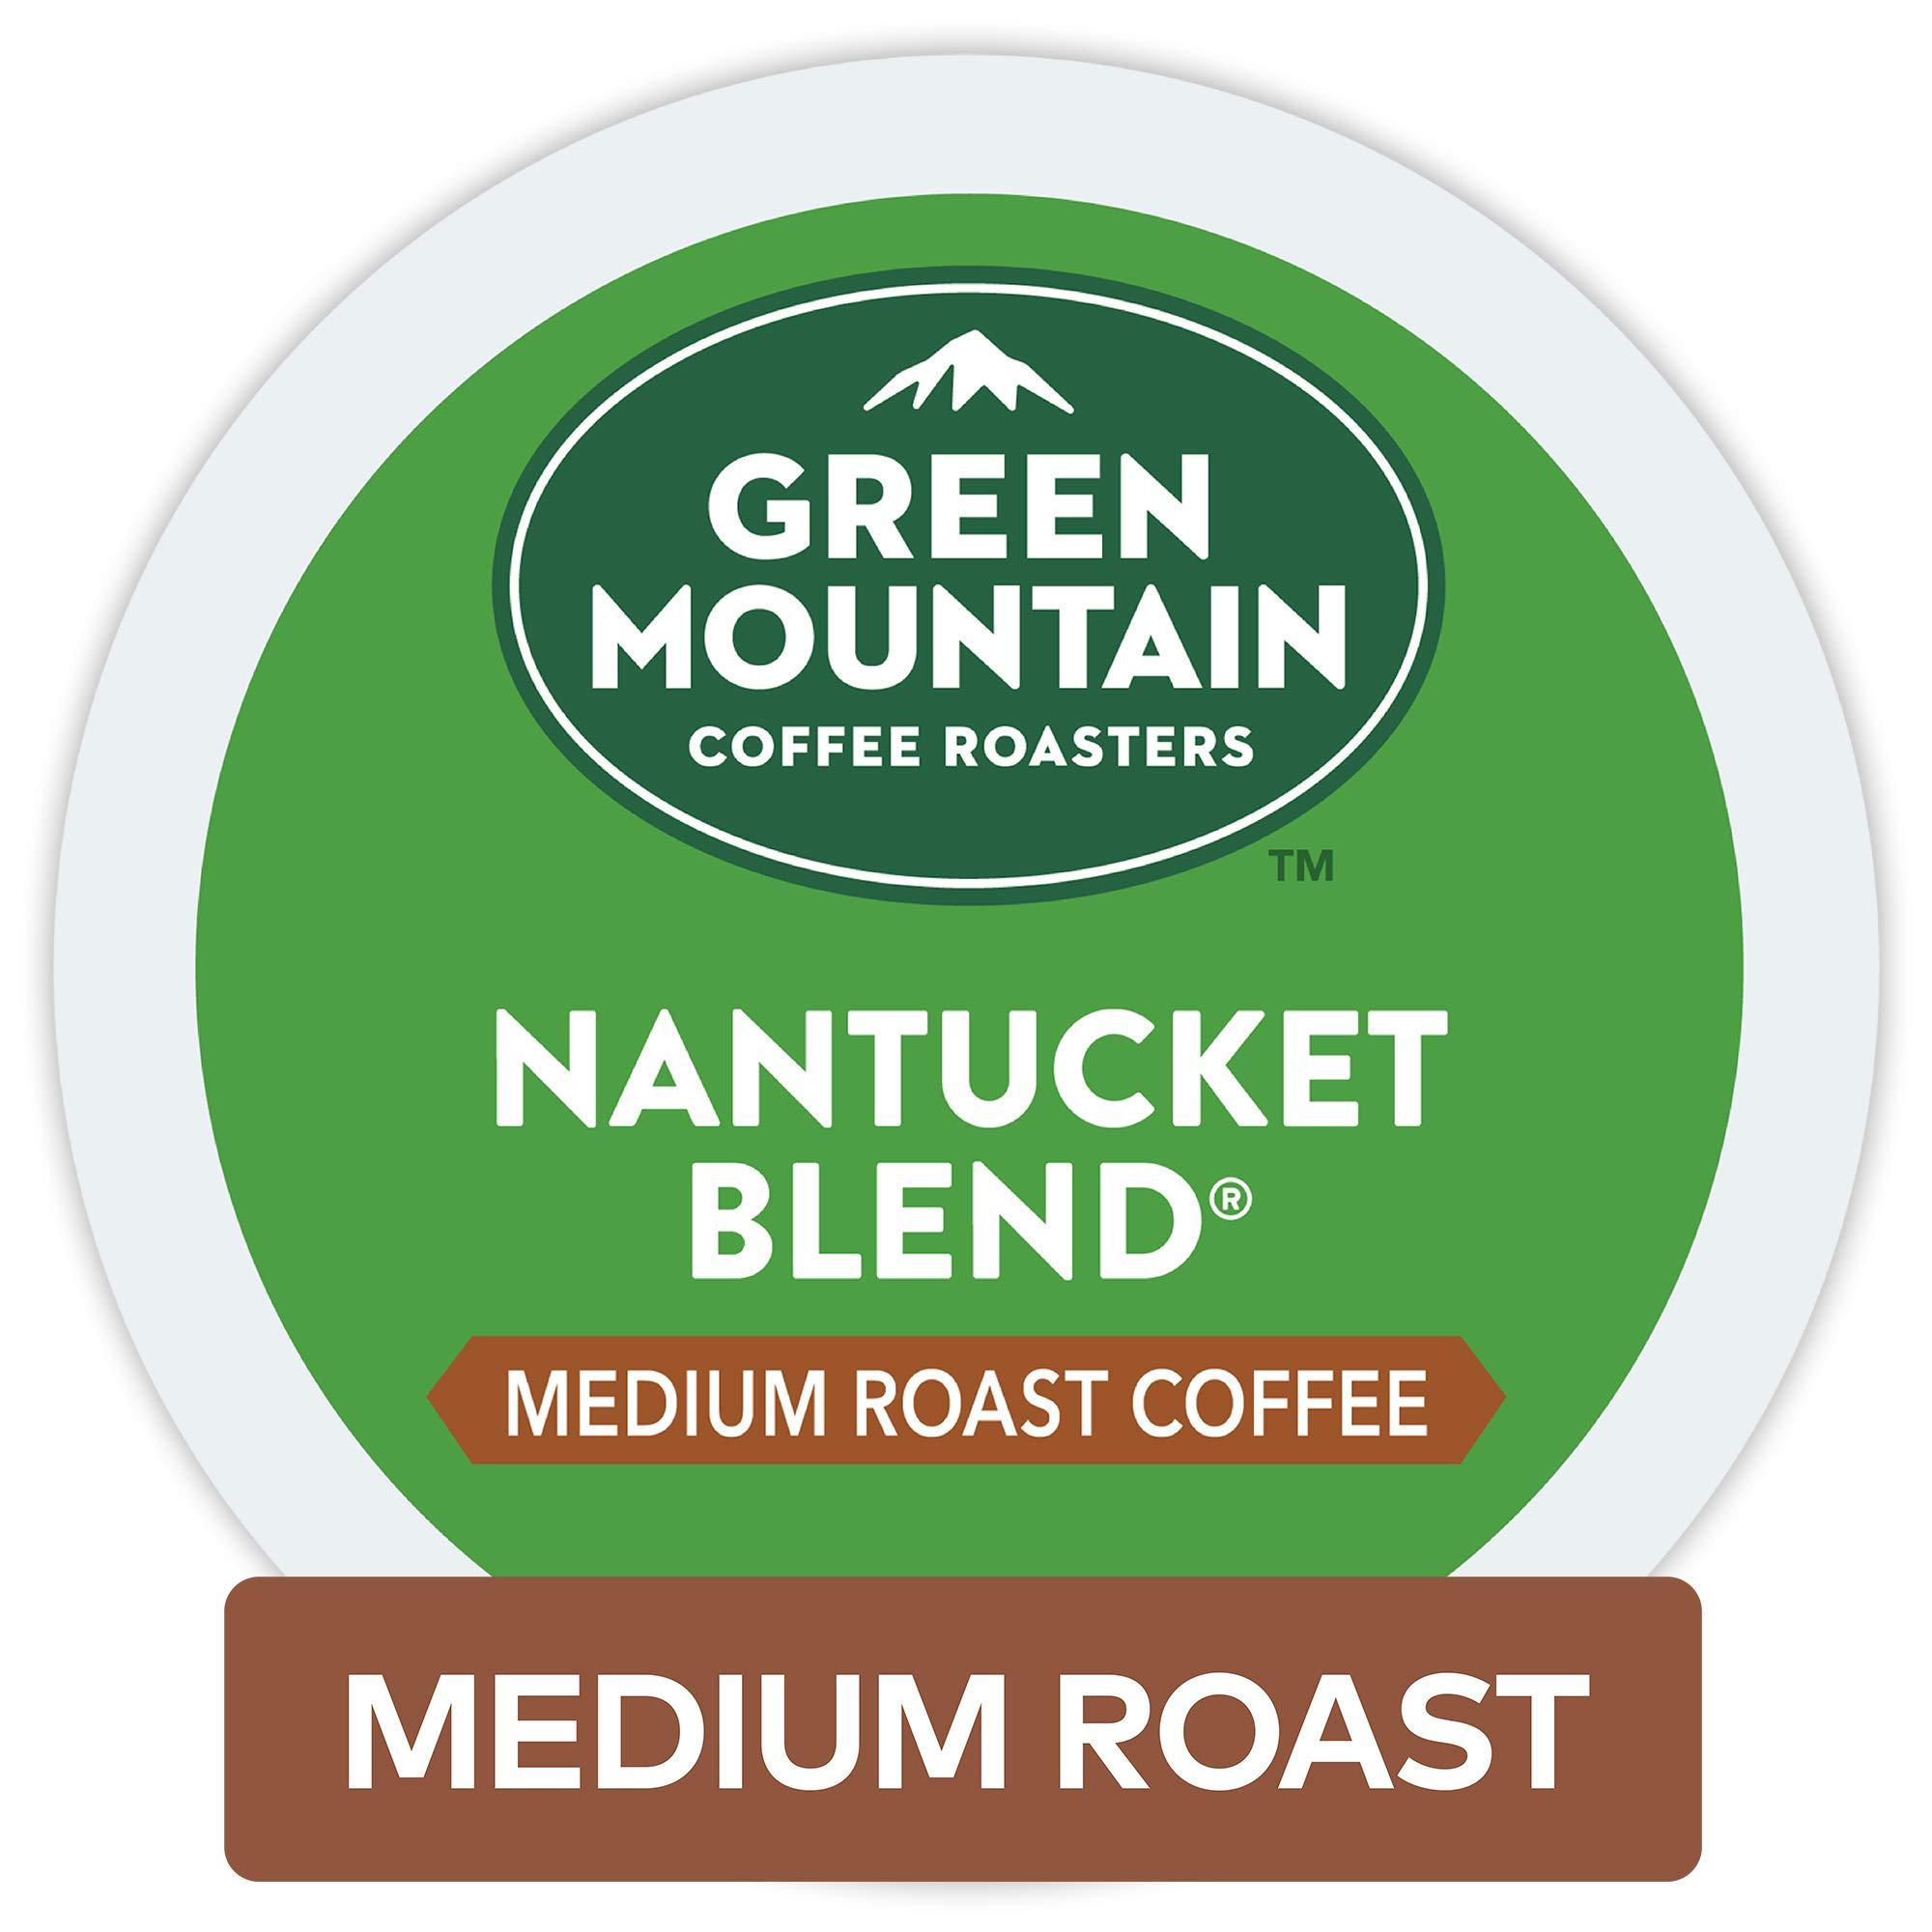 Green Mountain Coffee Roasters Nantucket Blend, Keurig Single-Serve K-Cup Pods, Medium Roast Coffee, 96 Count (Packaging May Vary)